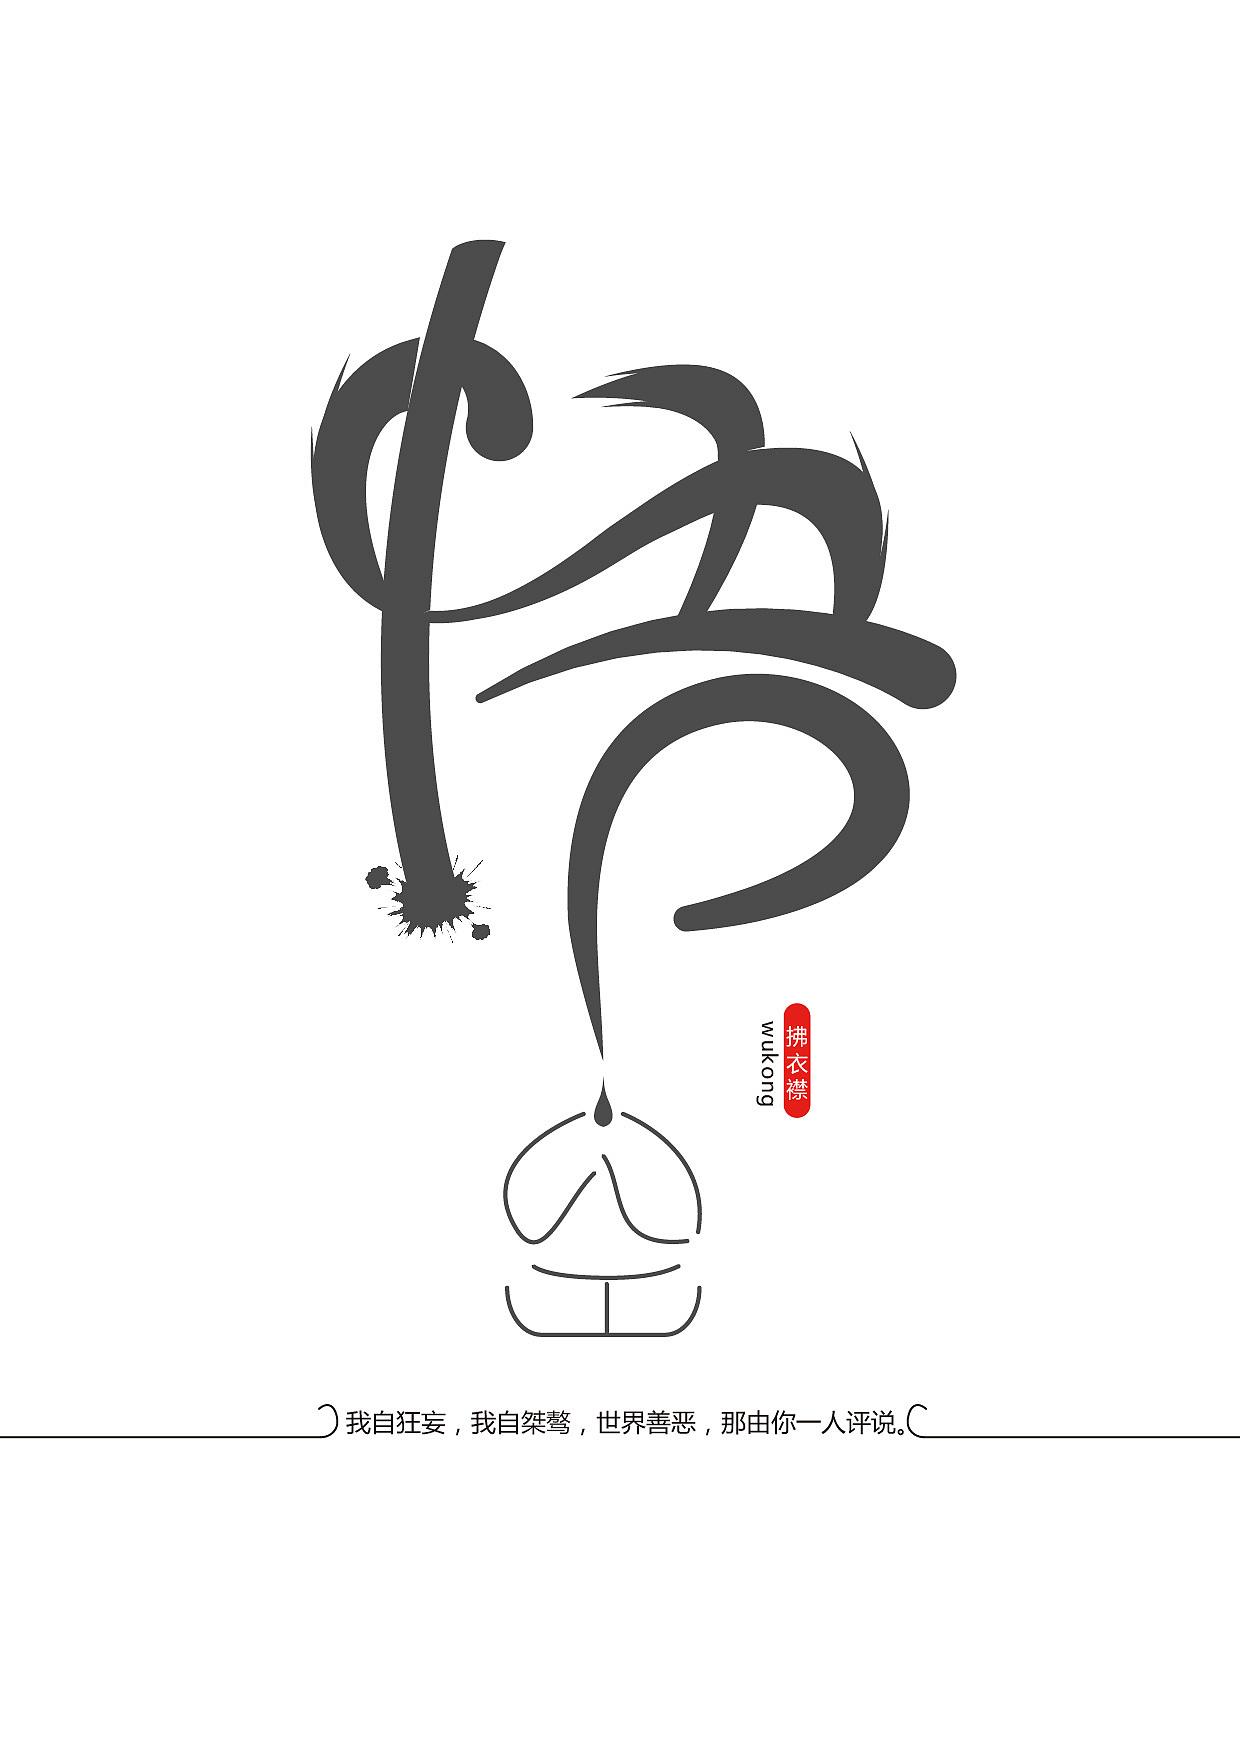 217天前 59 2 0 北京  |  平面设计师 悟字代表桀骜不训的孙悟空-空图片